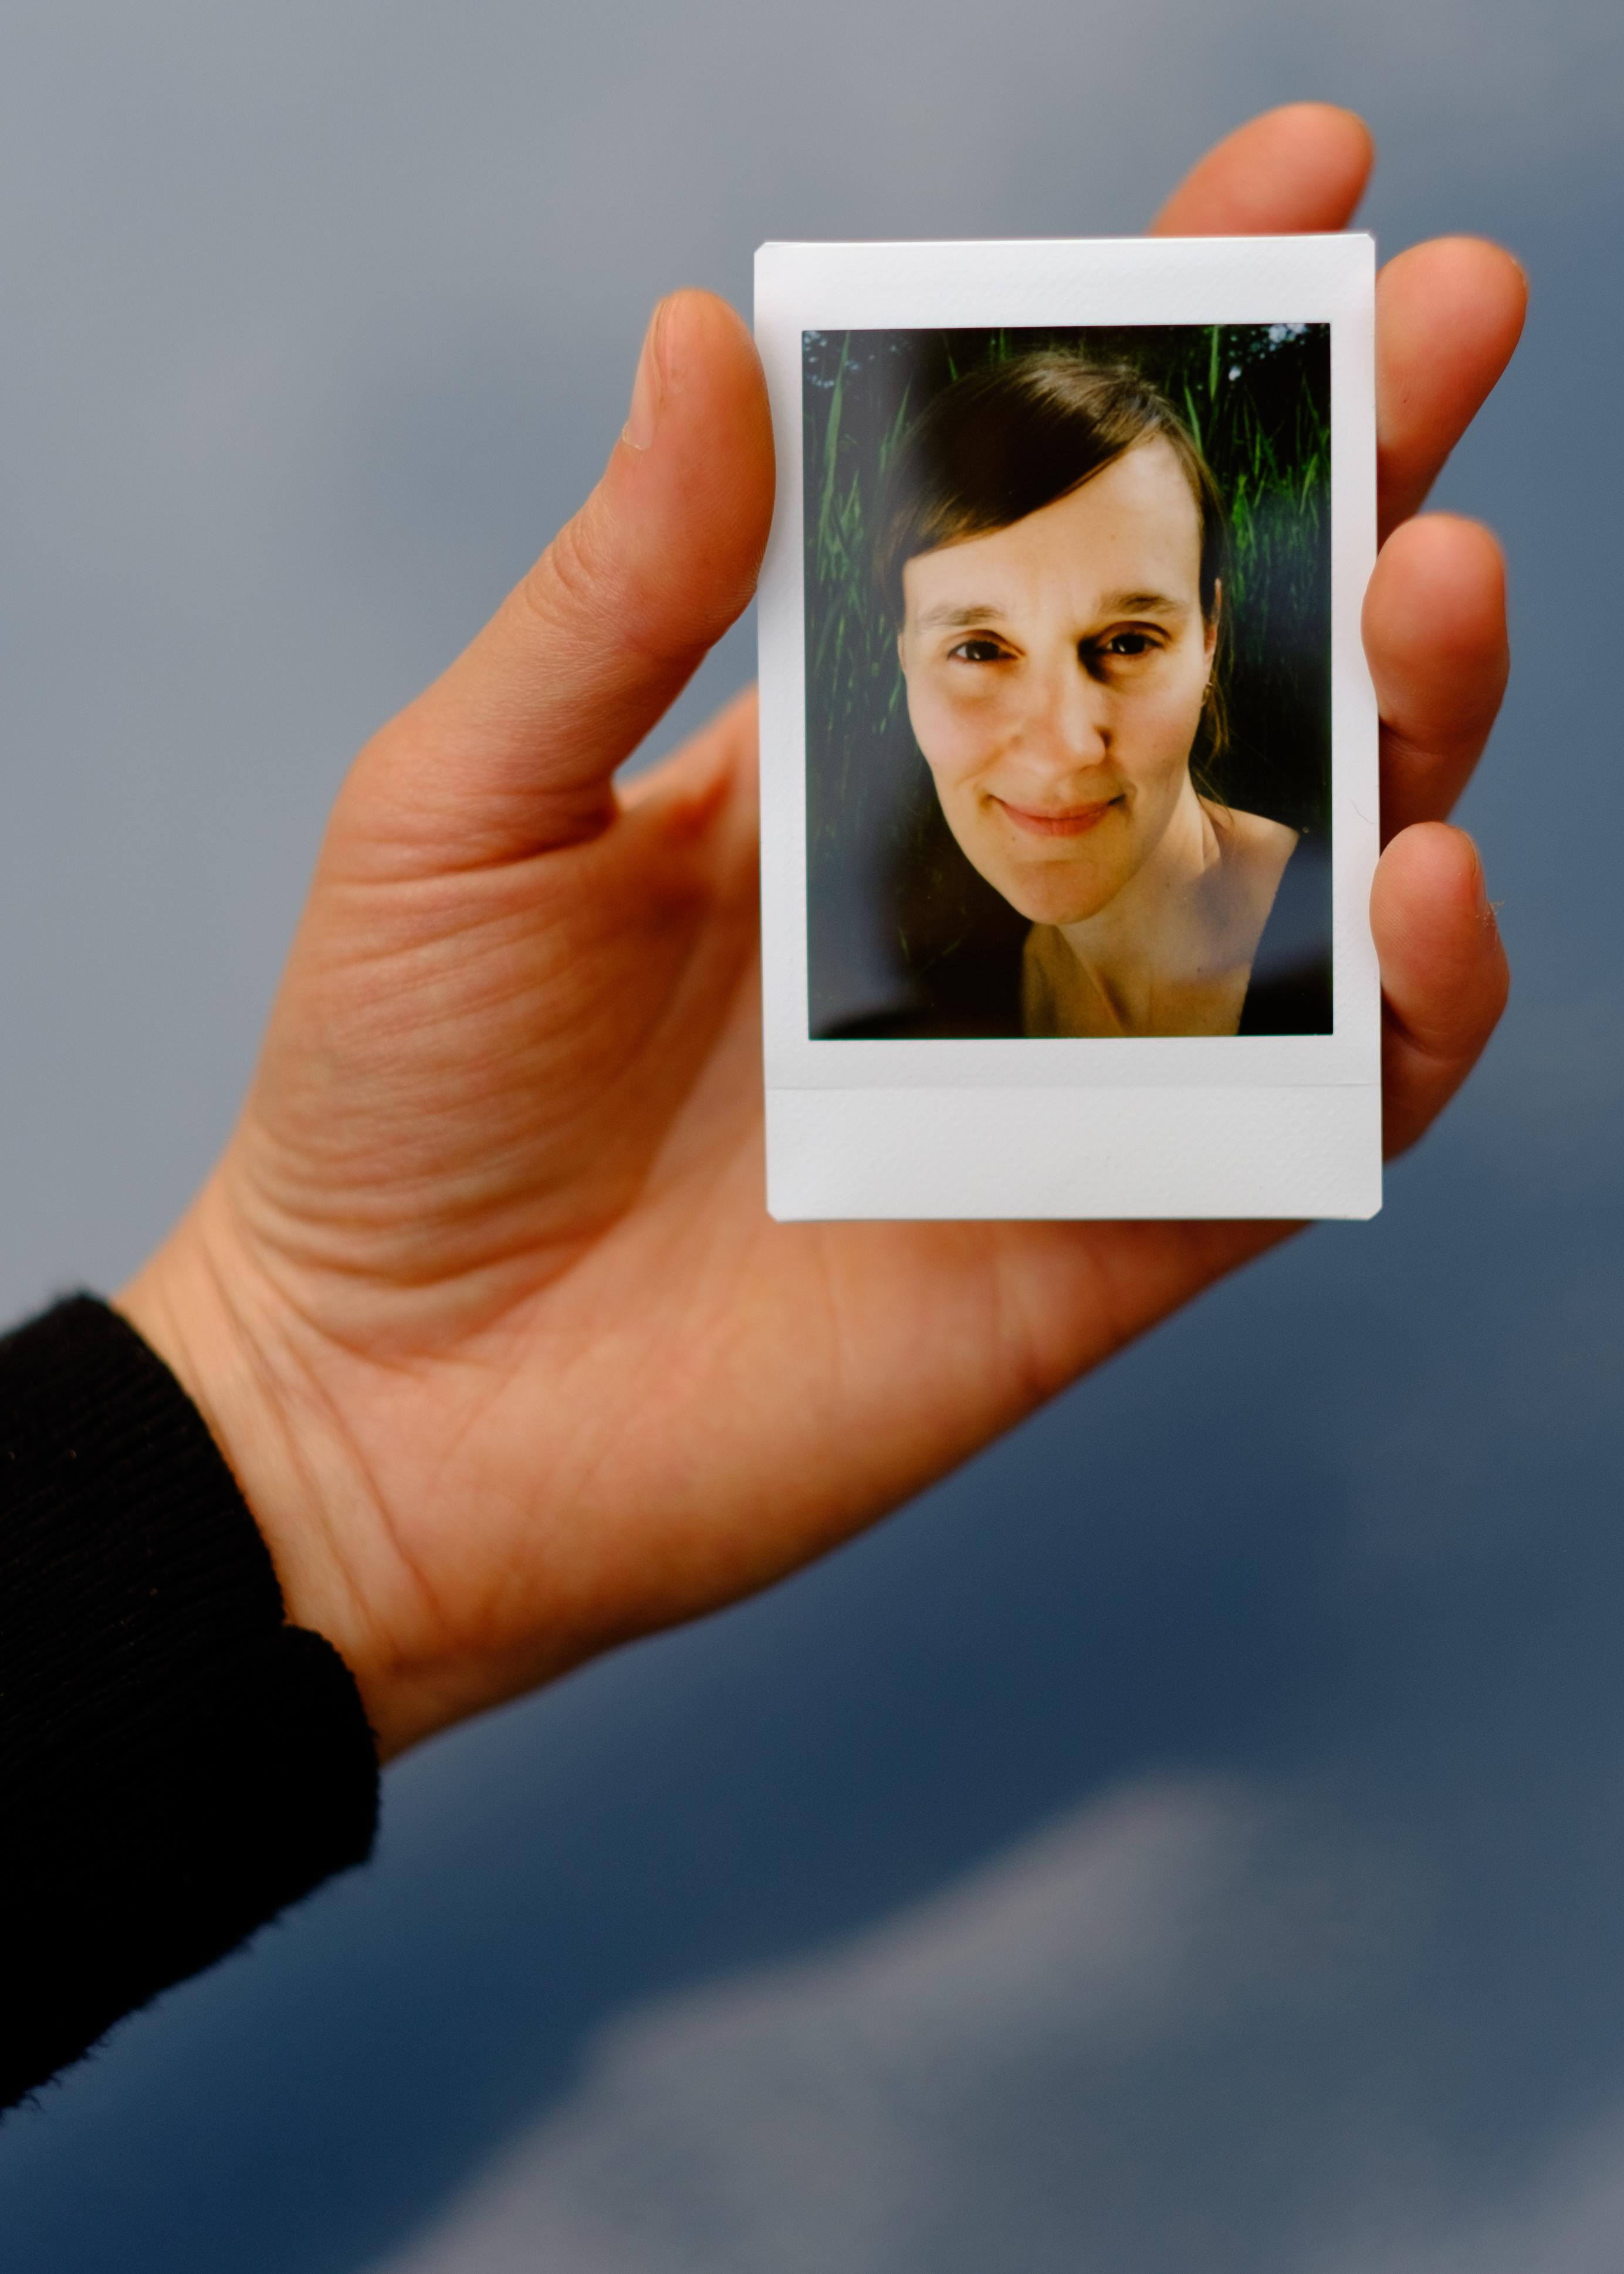 Olivier Bourget portrait dans la main-36